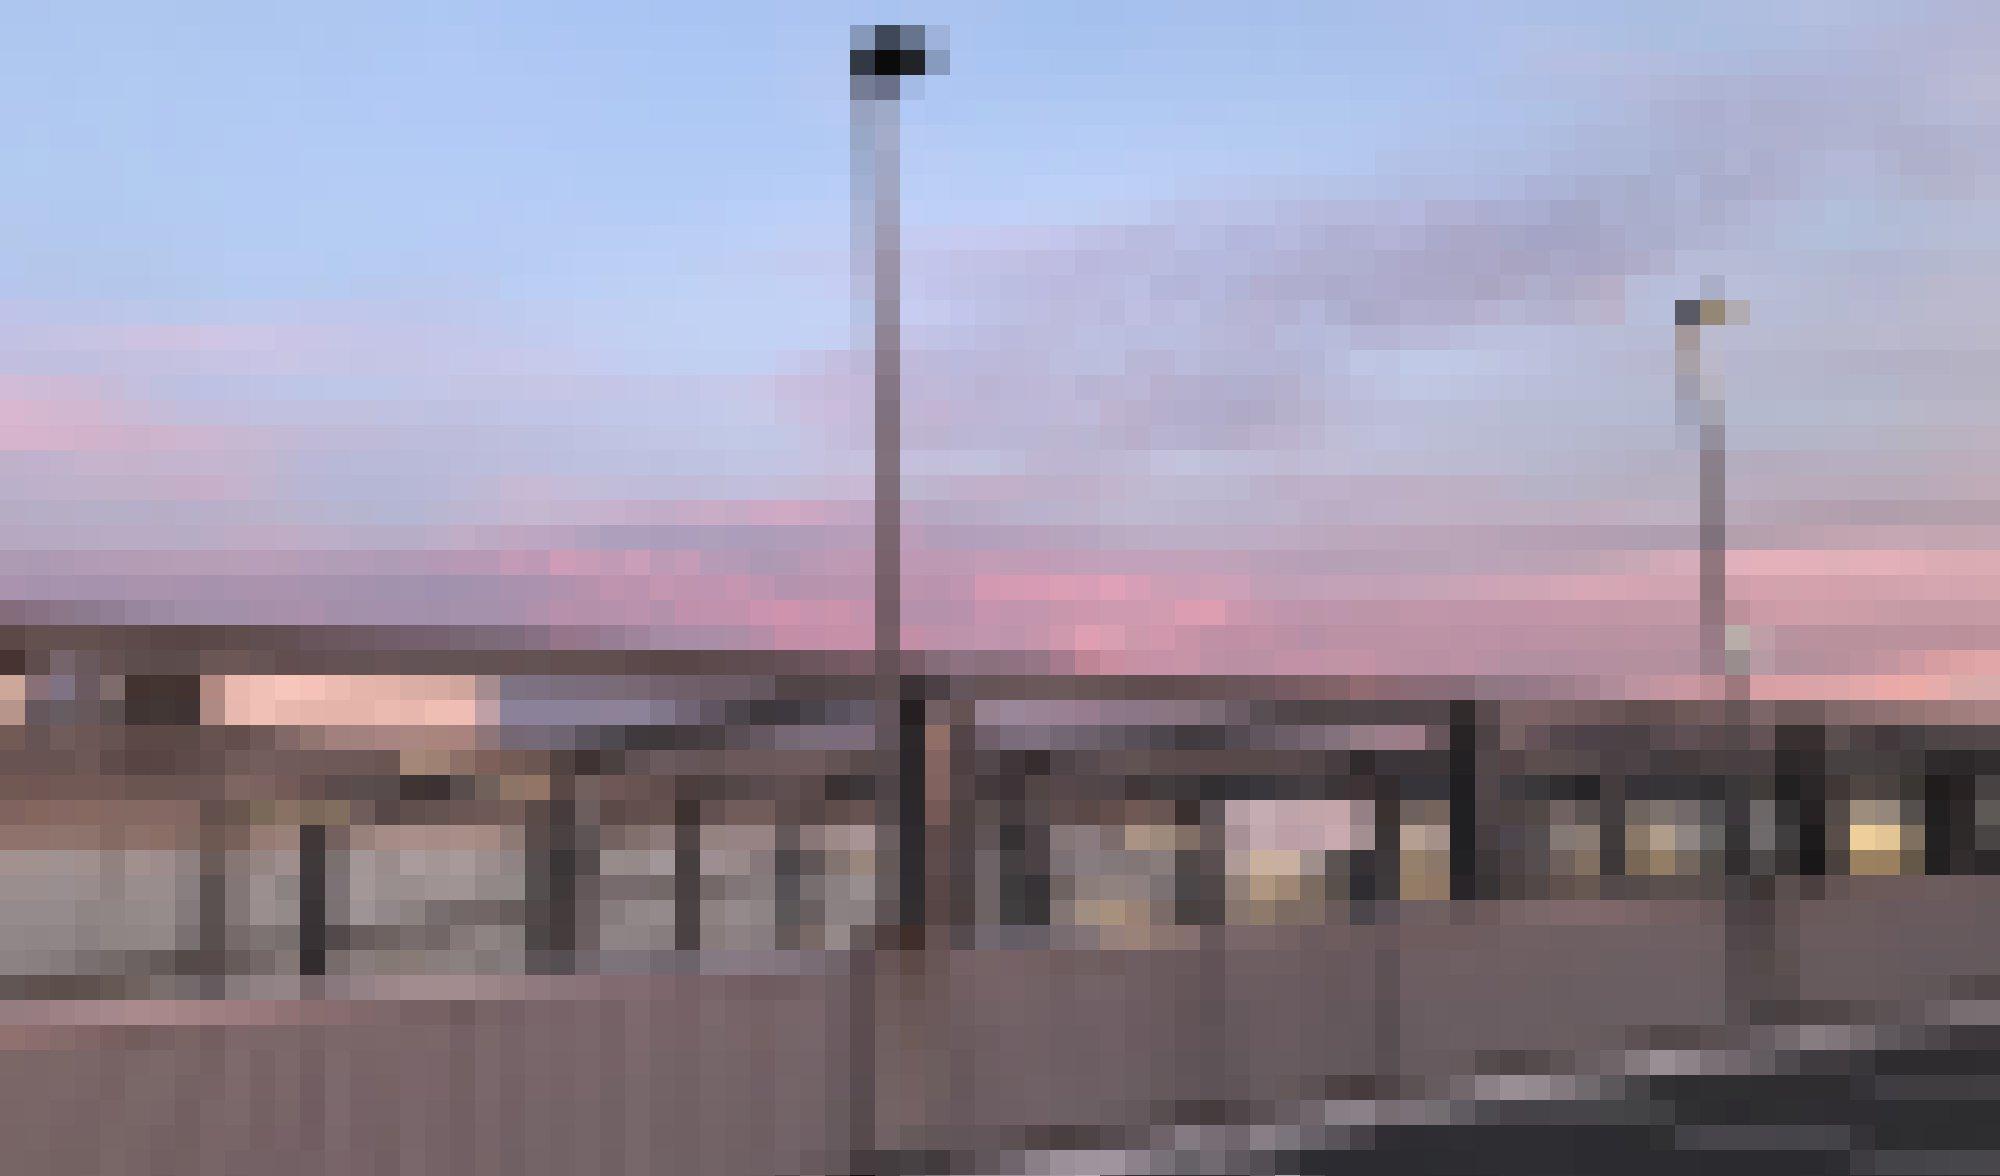 """Der Parkplatz auf dem Dach eines Einkaufszentrums in der Abenddämmerung. Auf einem Schild steht """"Ausfahrt""""."""